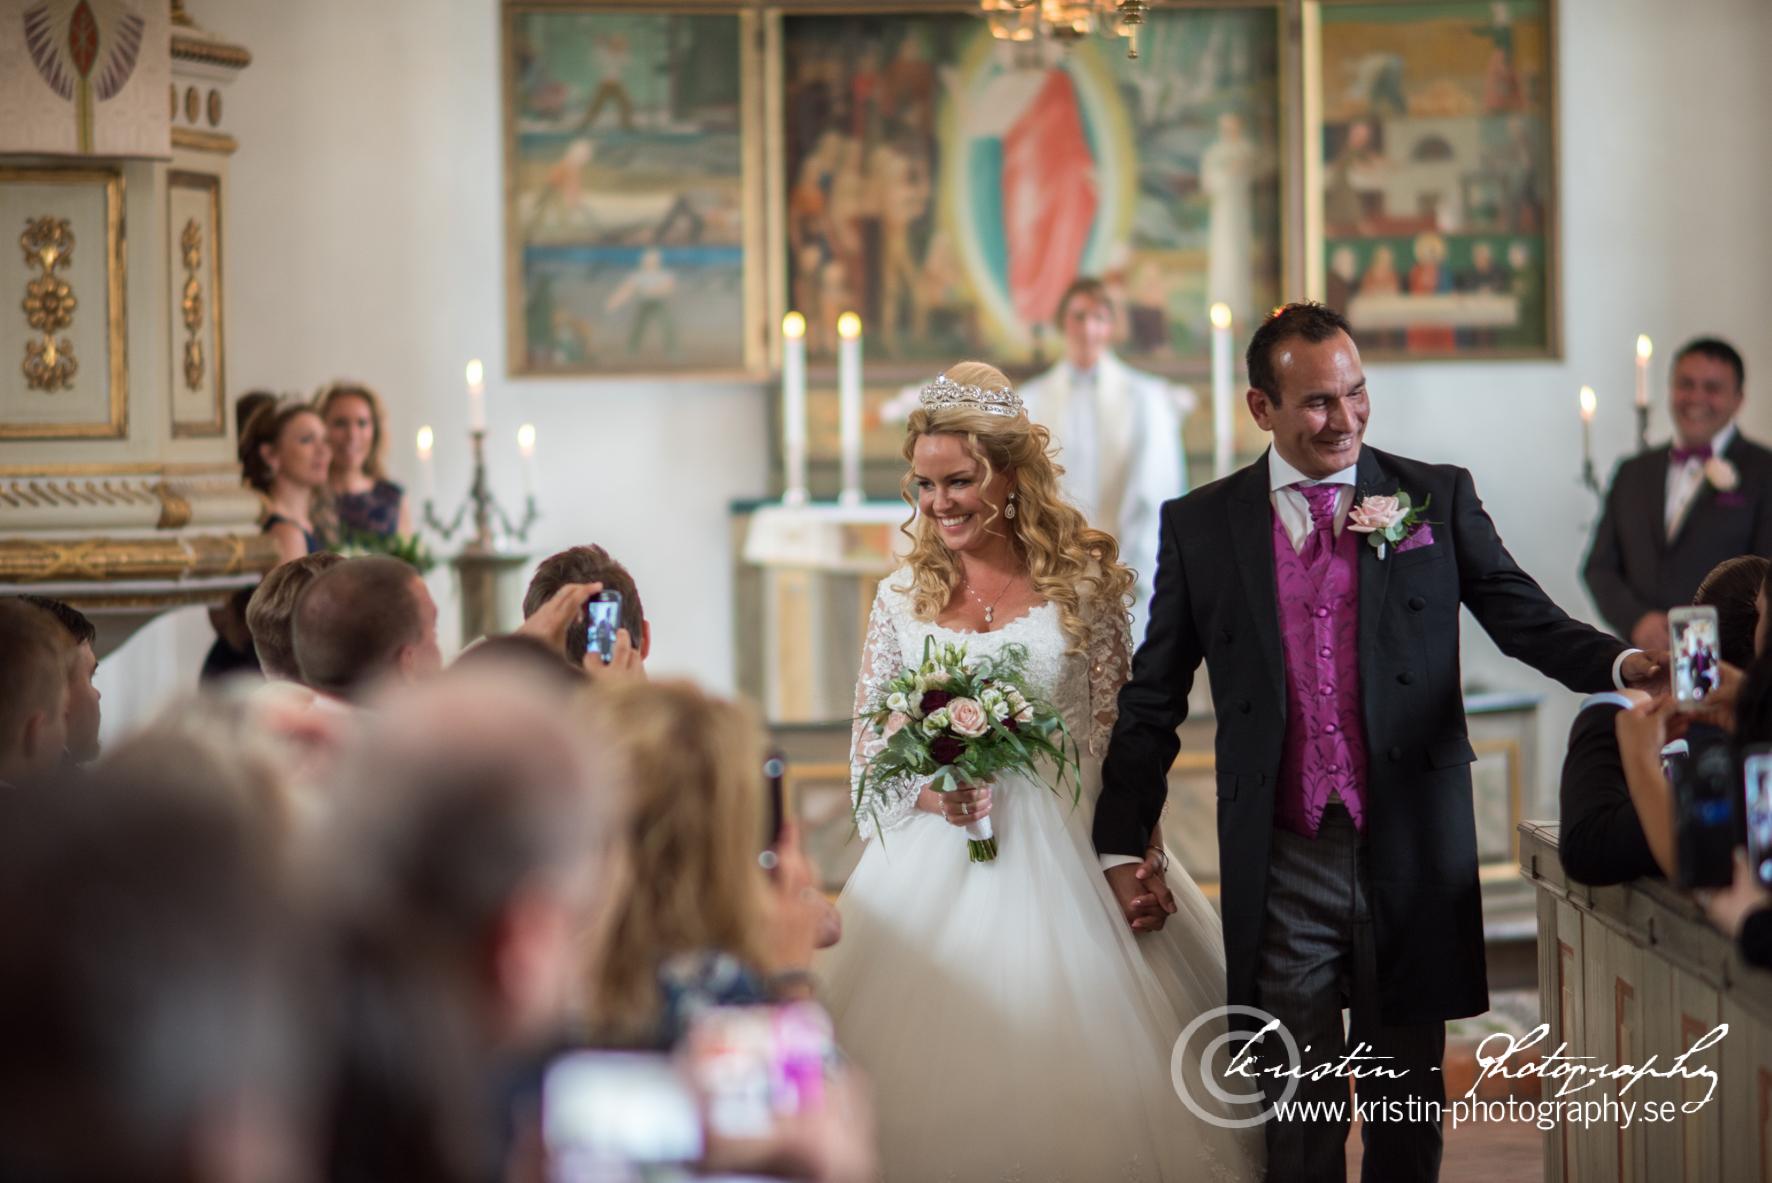 Bröllopsfotograf i Eskilstuna, Kristin - Photography-200.jpg